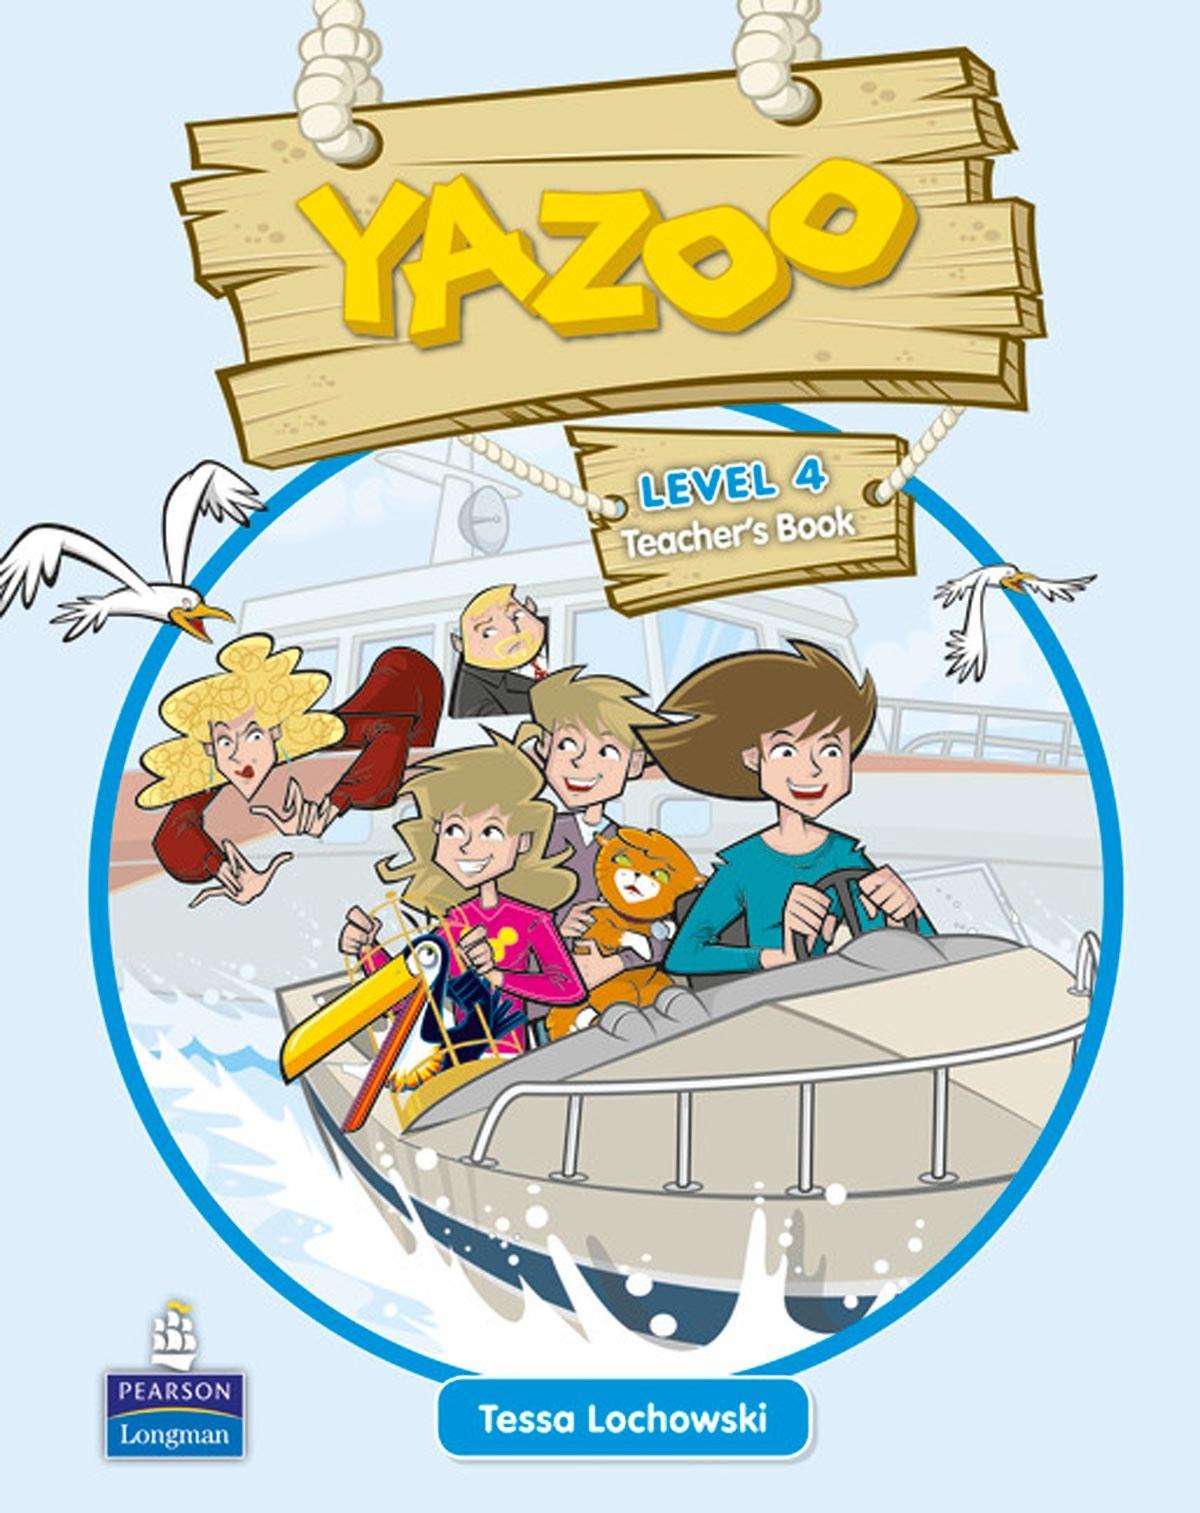 Yazoo Global Level 4 Teacher's Guide